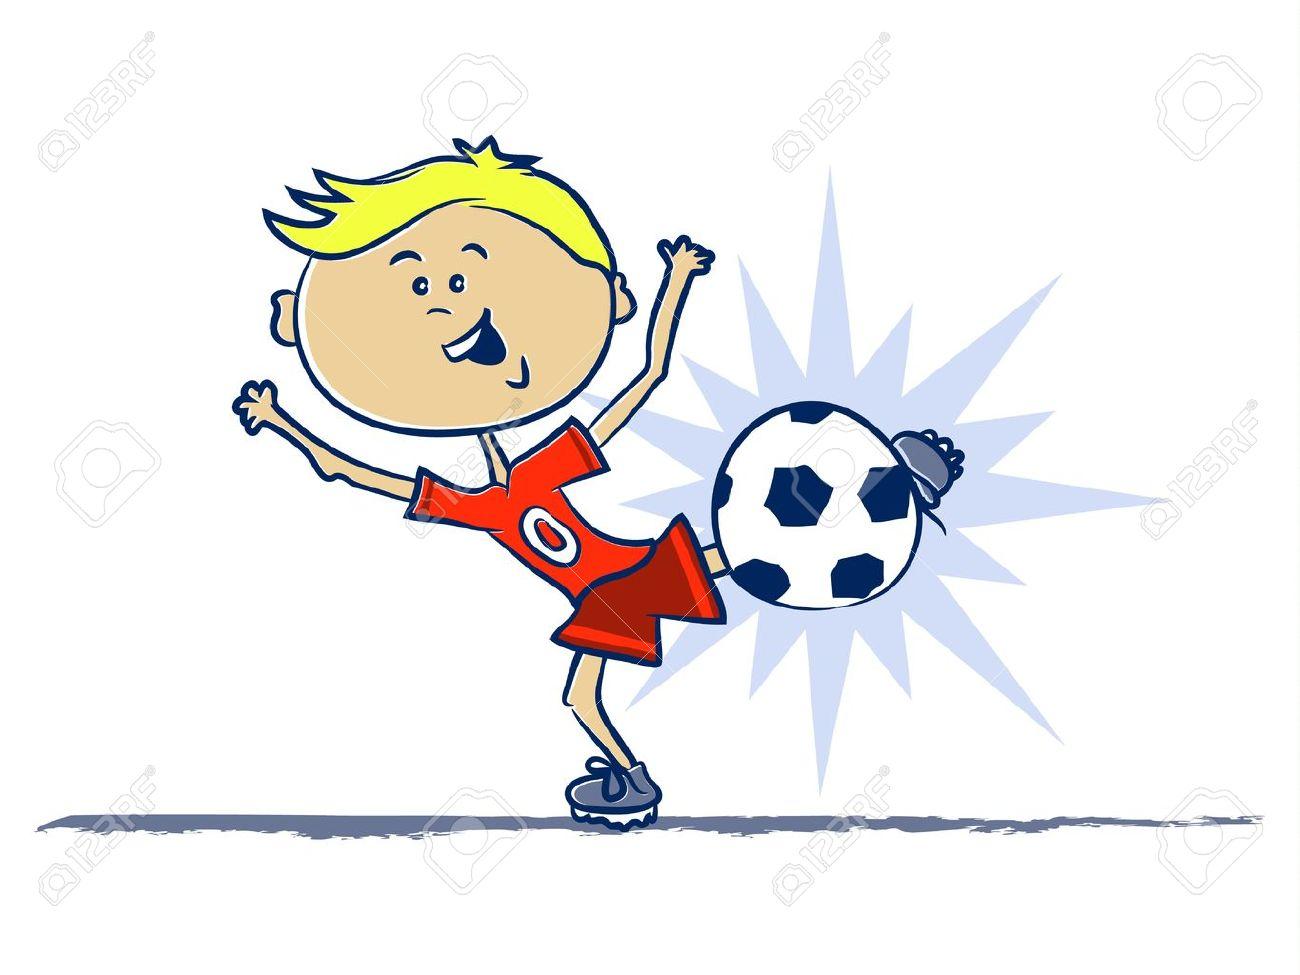 A Boy Kicking a Soccer Ball Cartoon Stock Vector - 17470523